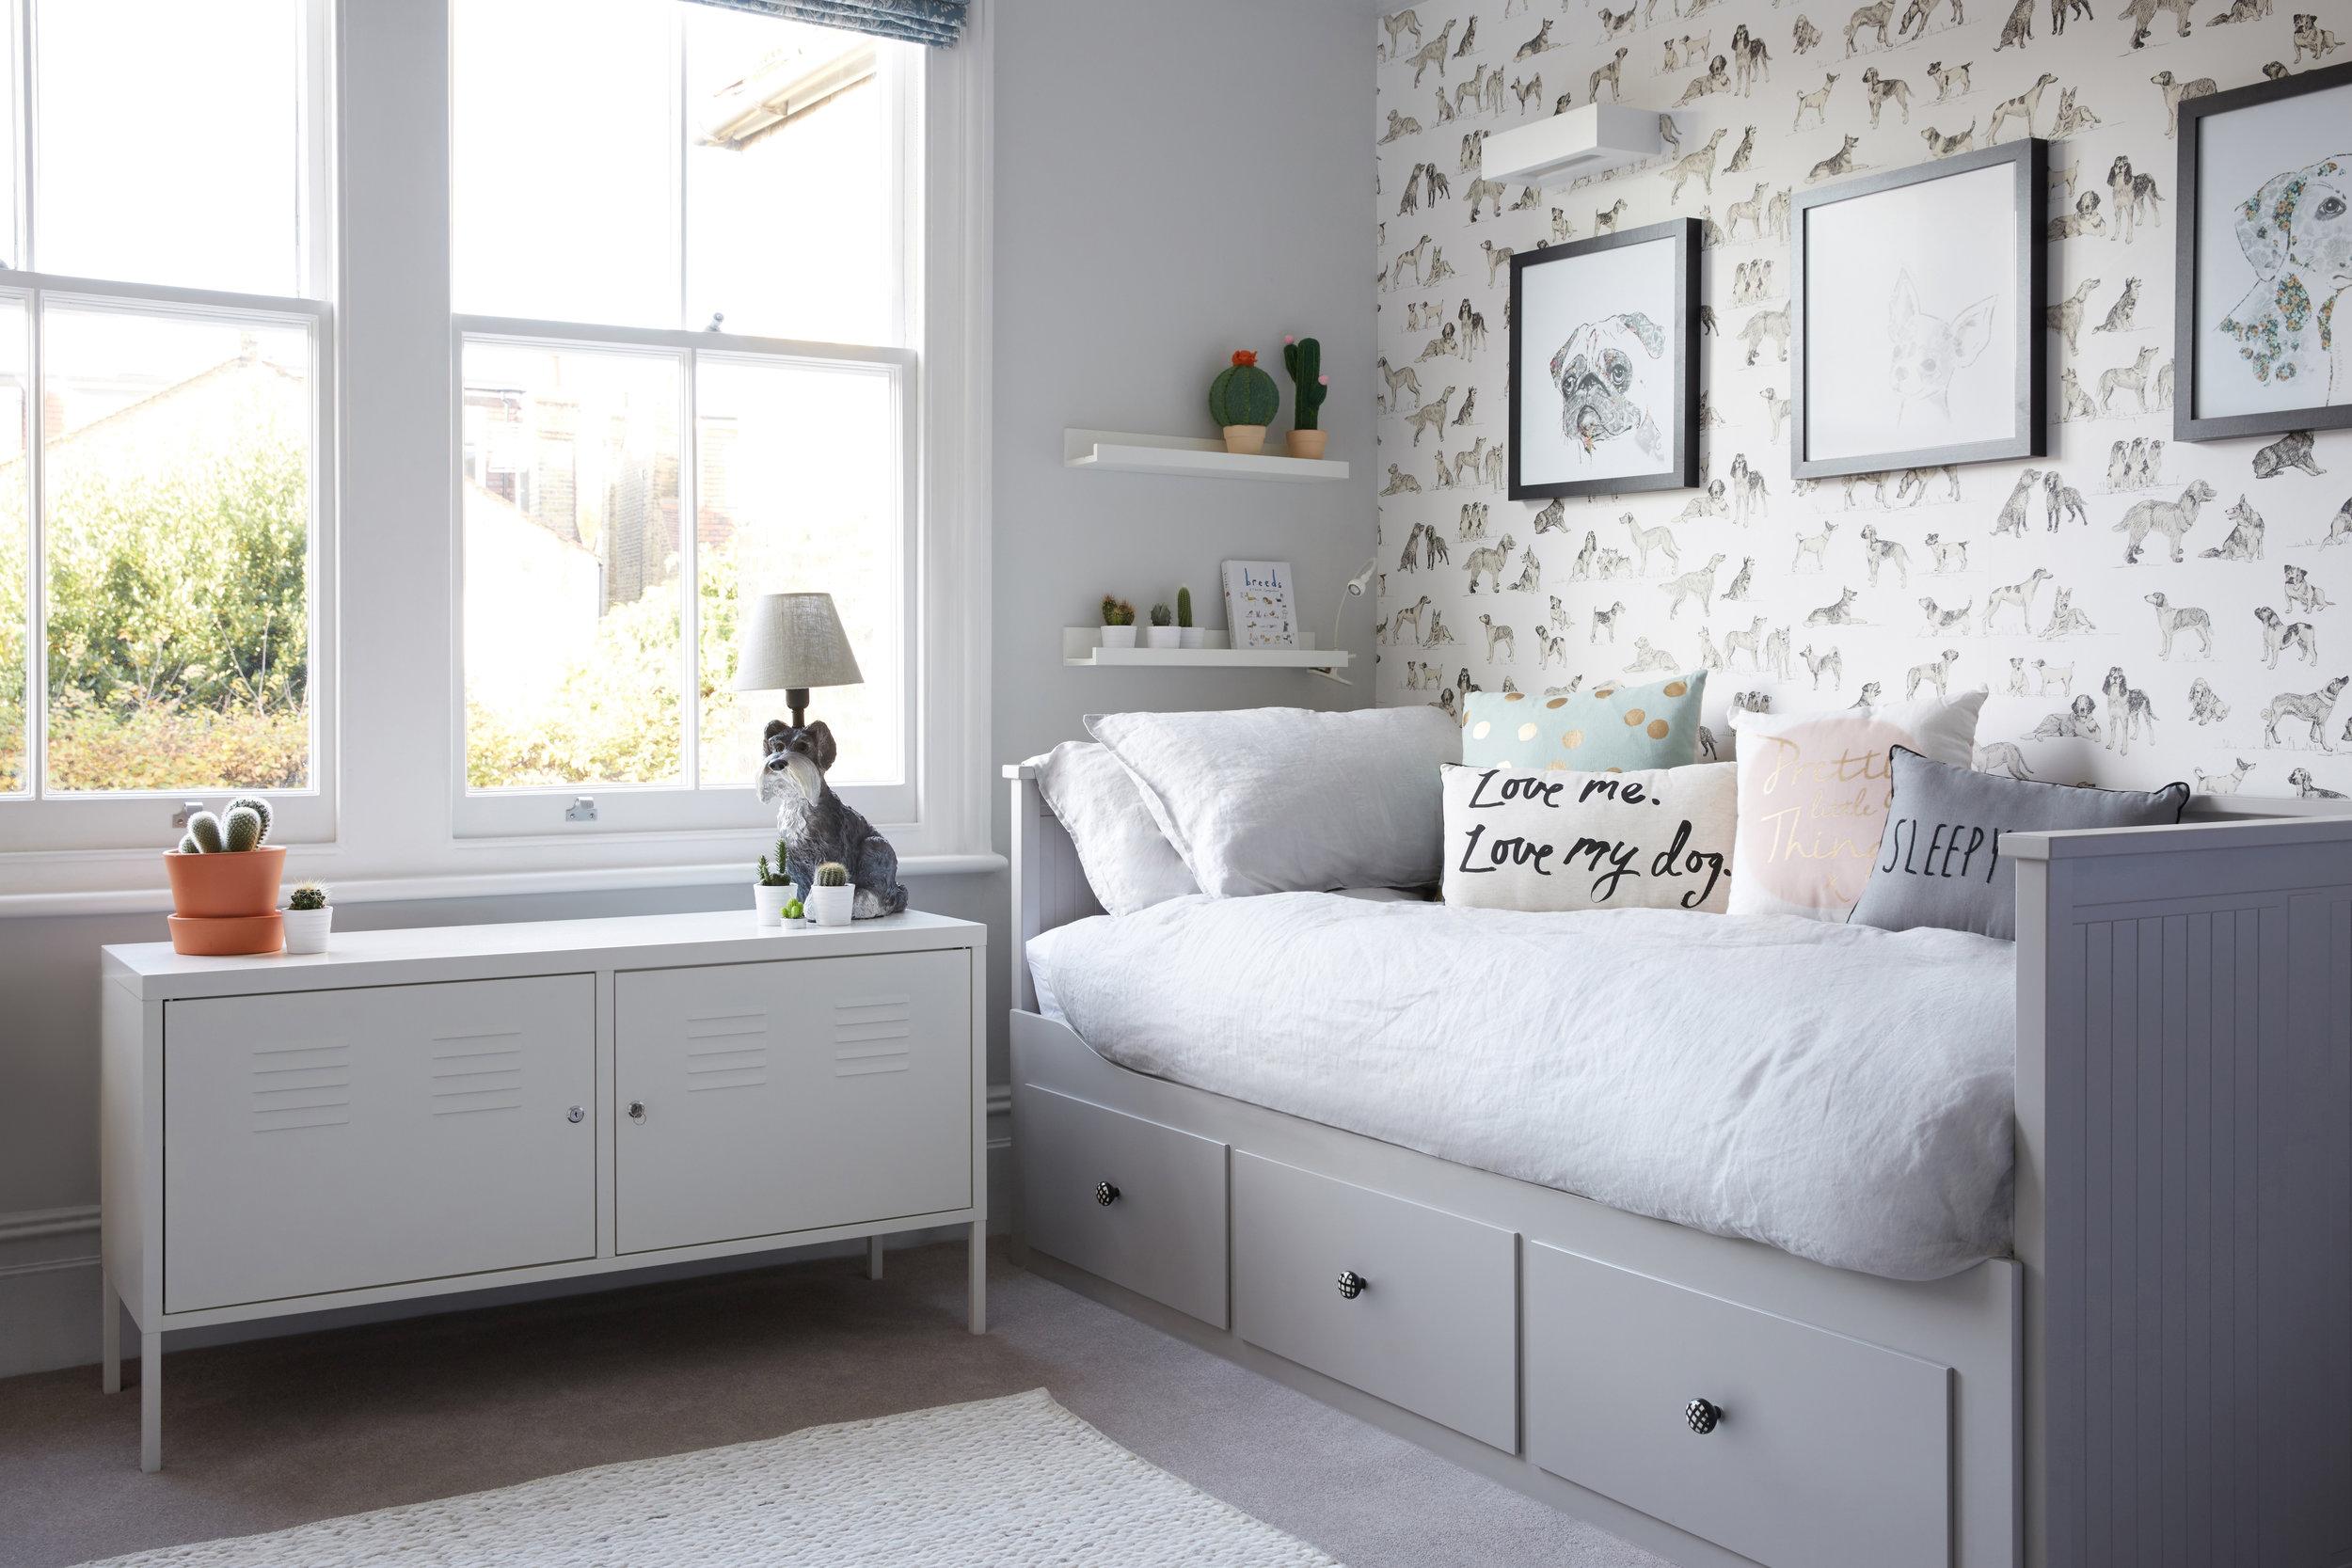 Born & bred studio teen bedroom.jpg